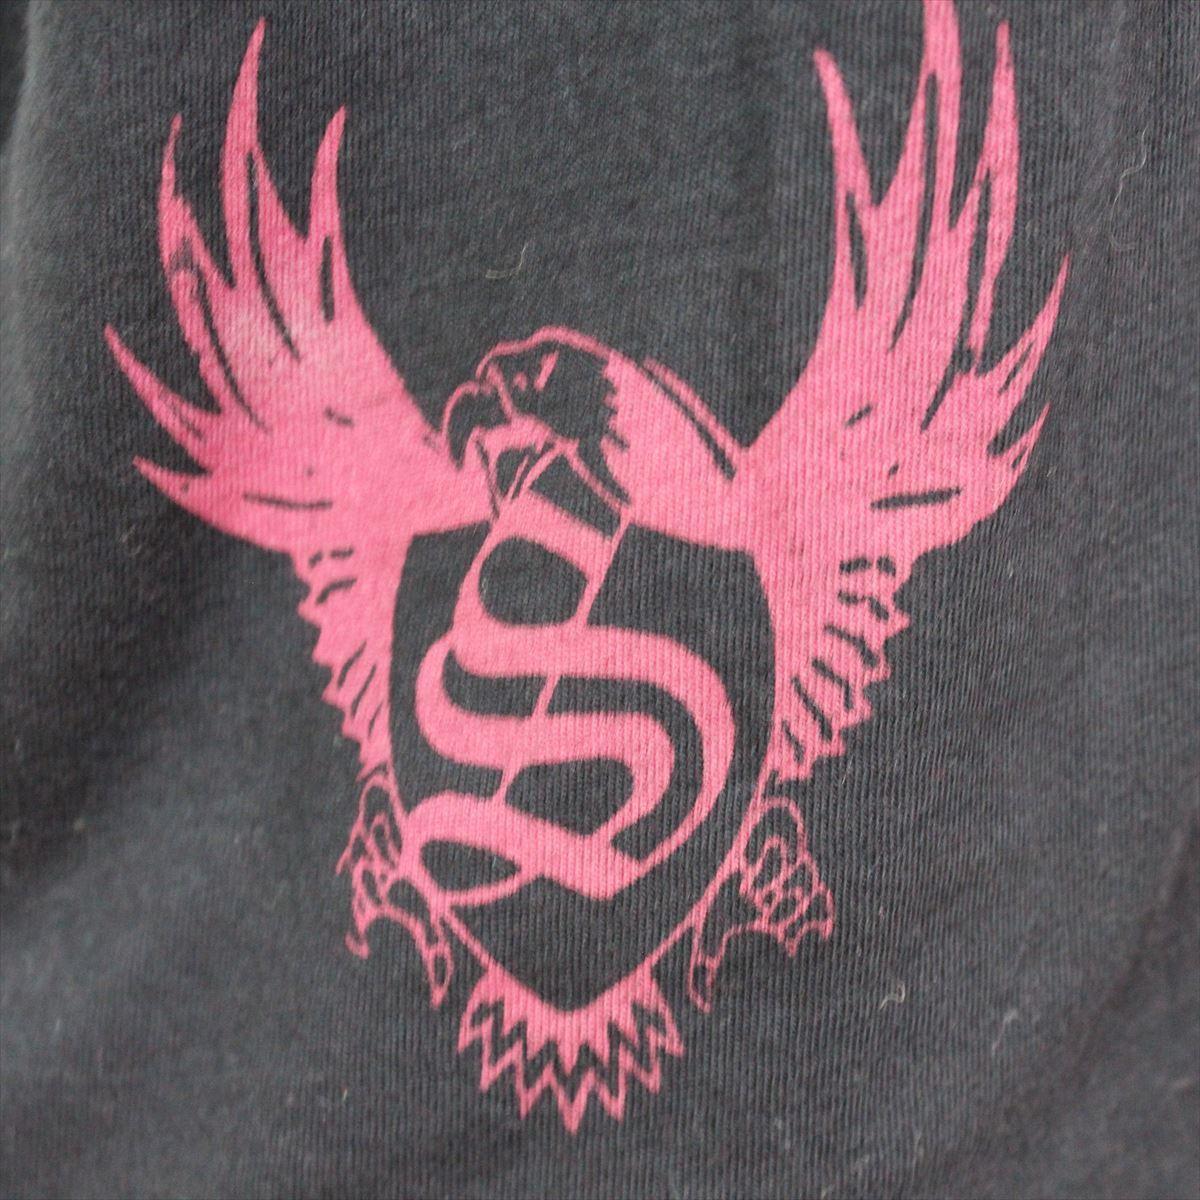 スメット SMET メンズ半袖Tシャツ ブラック Lサイズ NO9 新品 黒_画像4